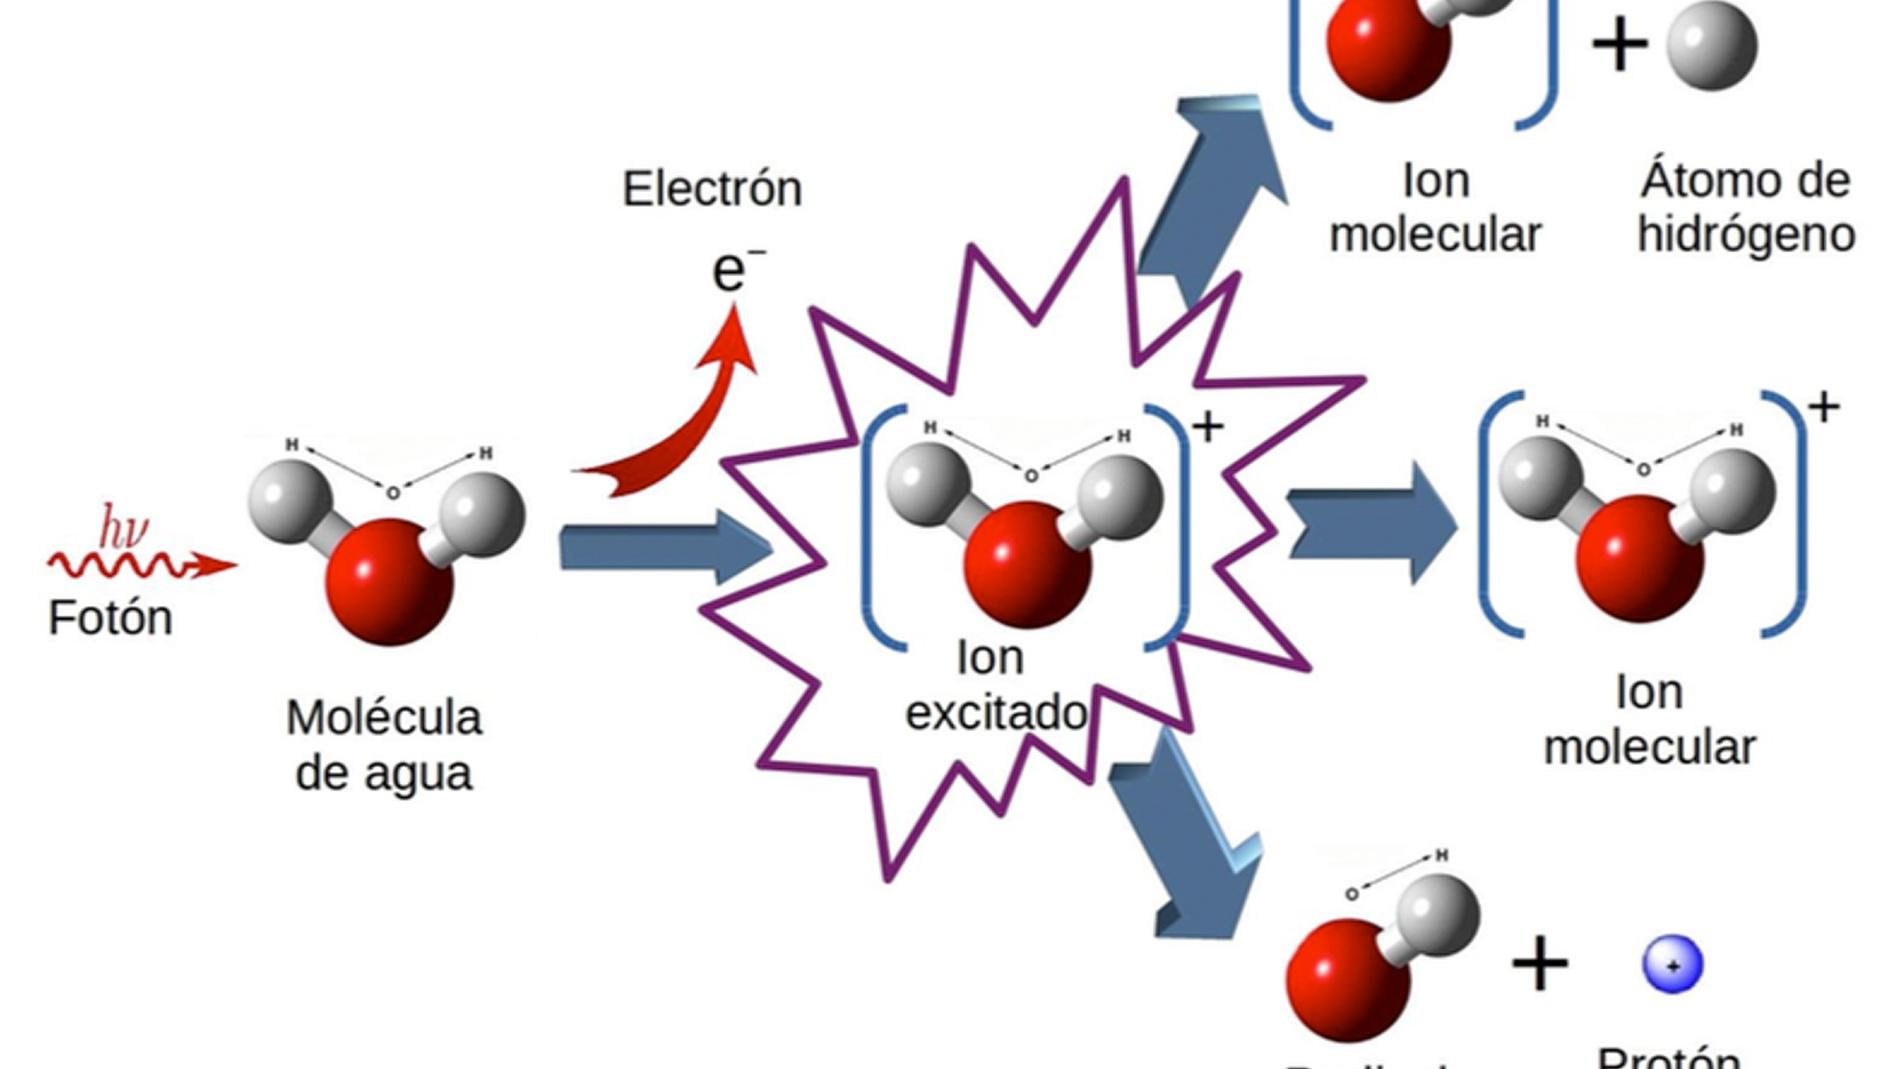 Descrita la fragmentación del agua ioniz